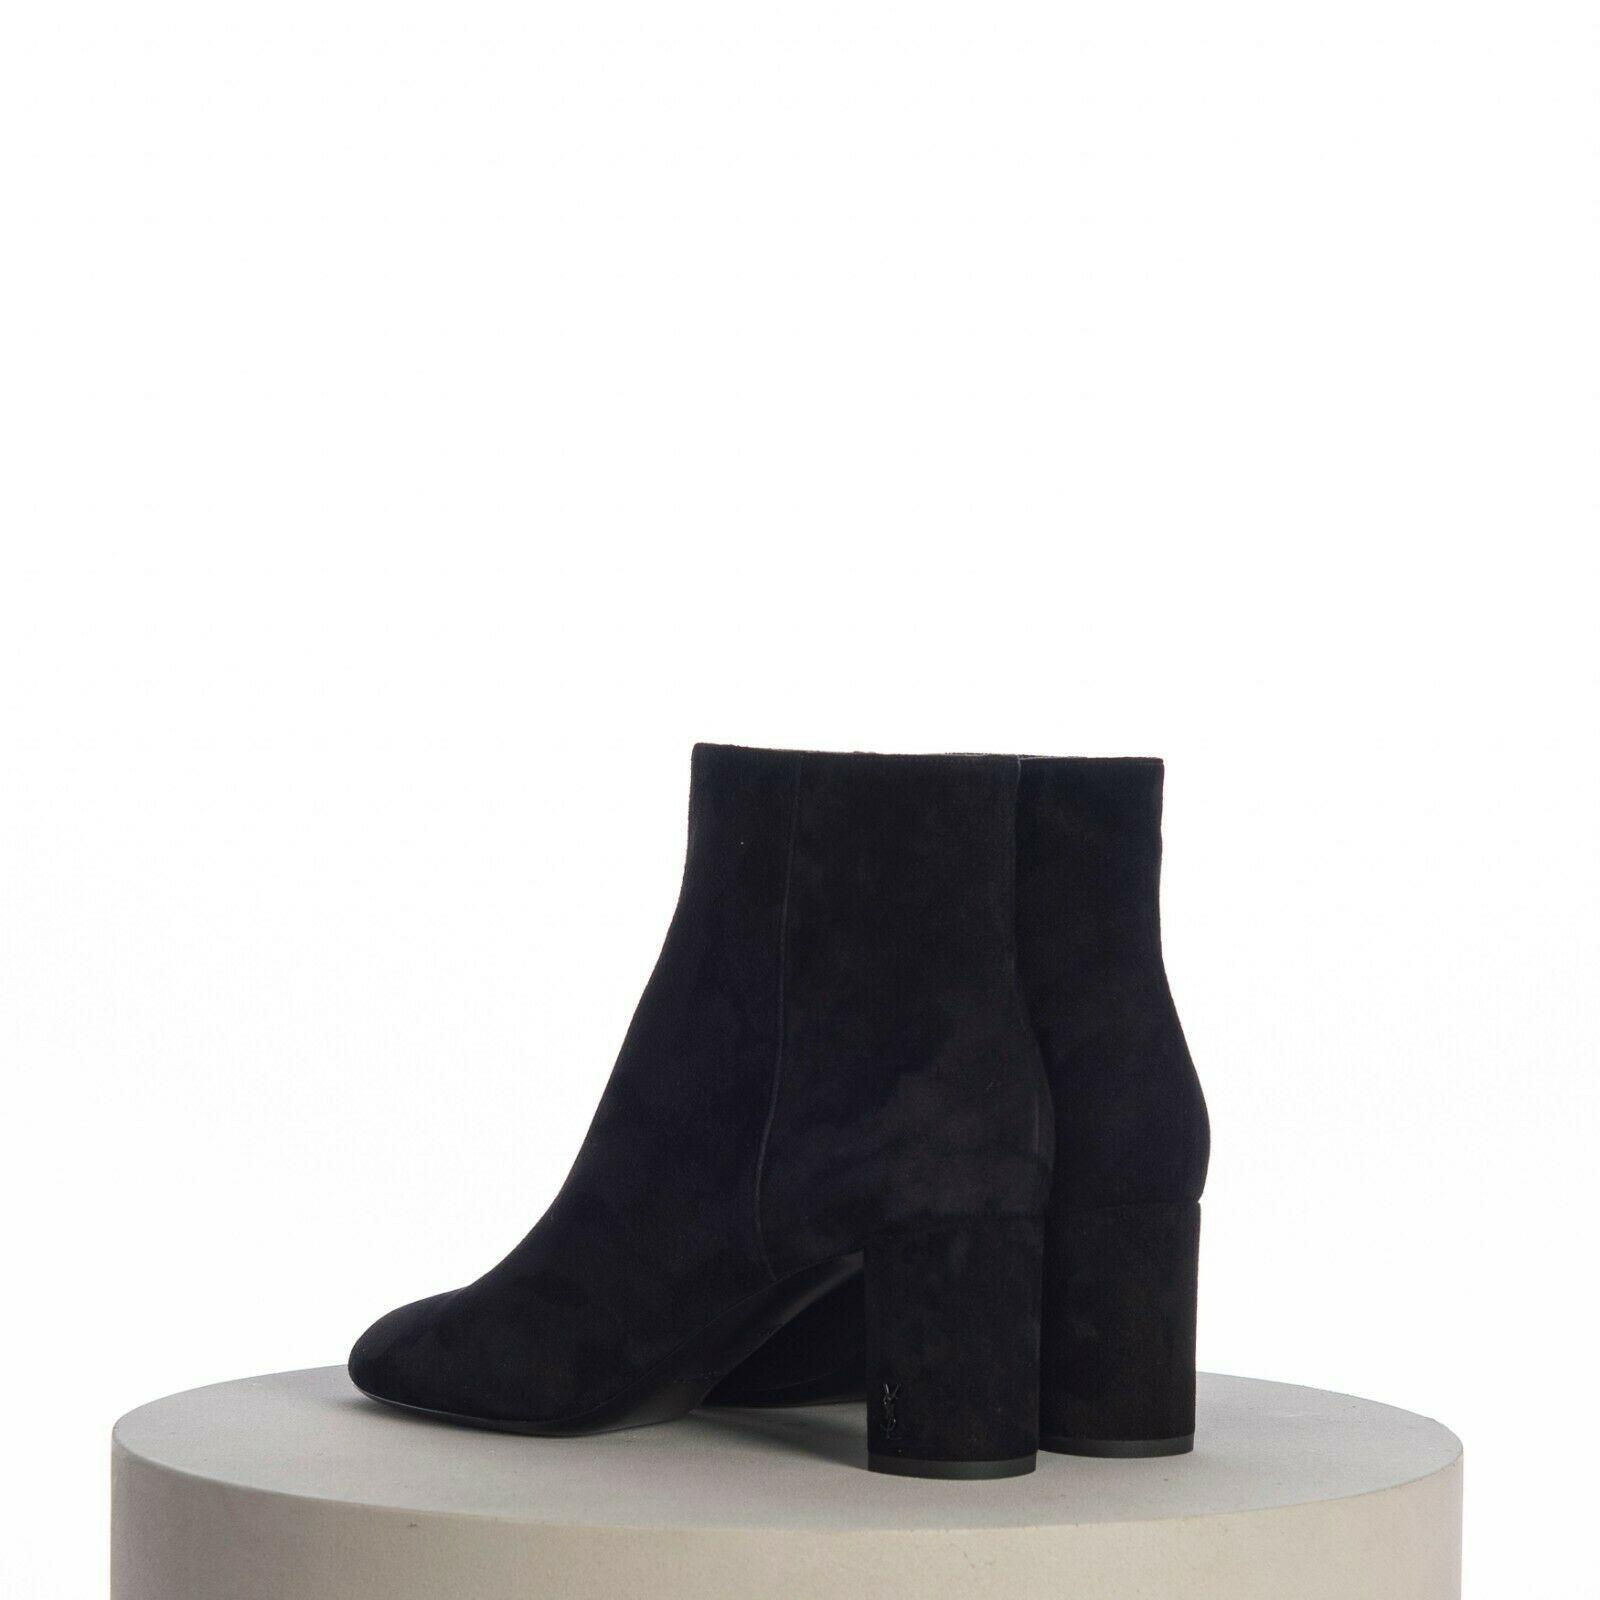 SAINT LAURENT PARIS women Loulou Bootie Black Suede heel high shoes 6